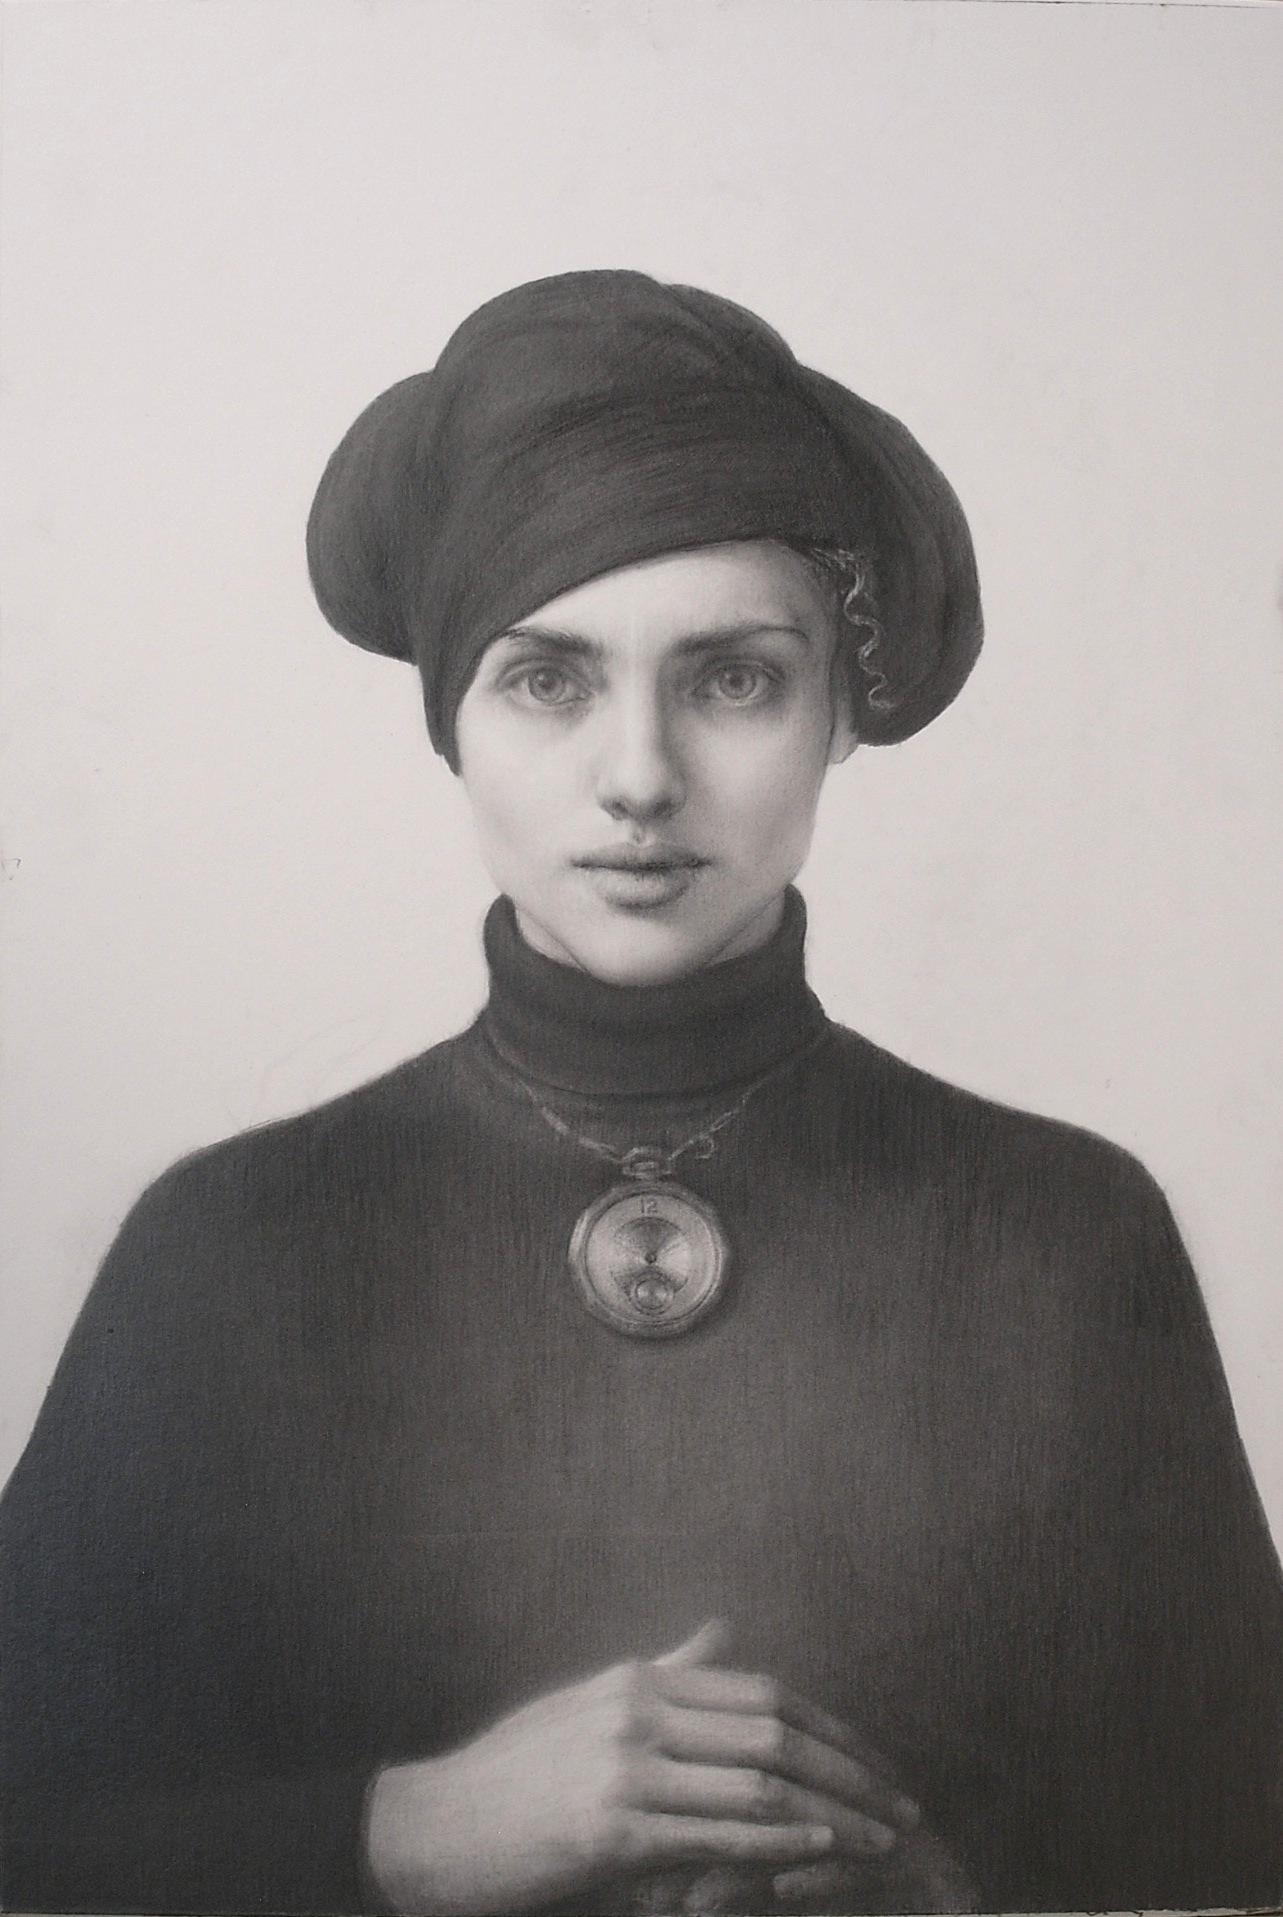 Maria kreyn - time.JPG